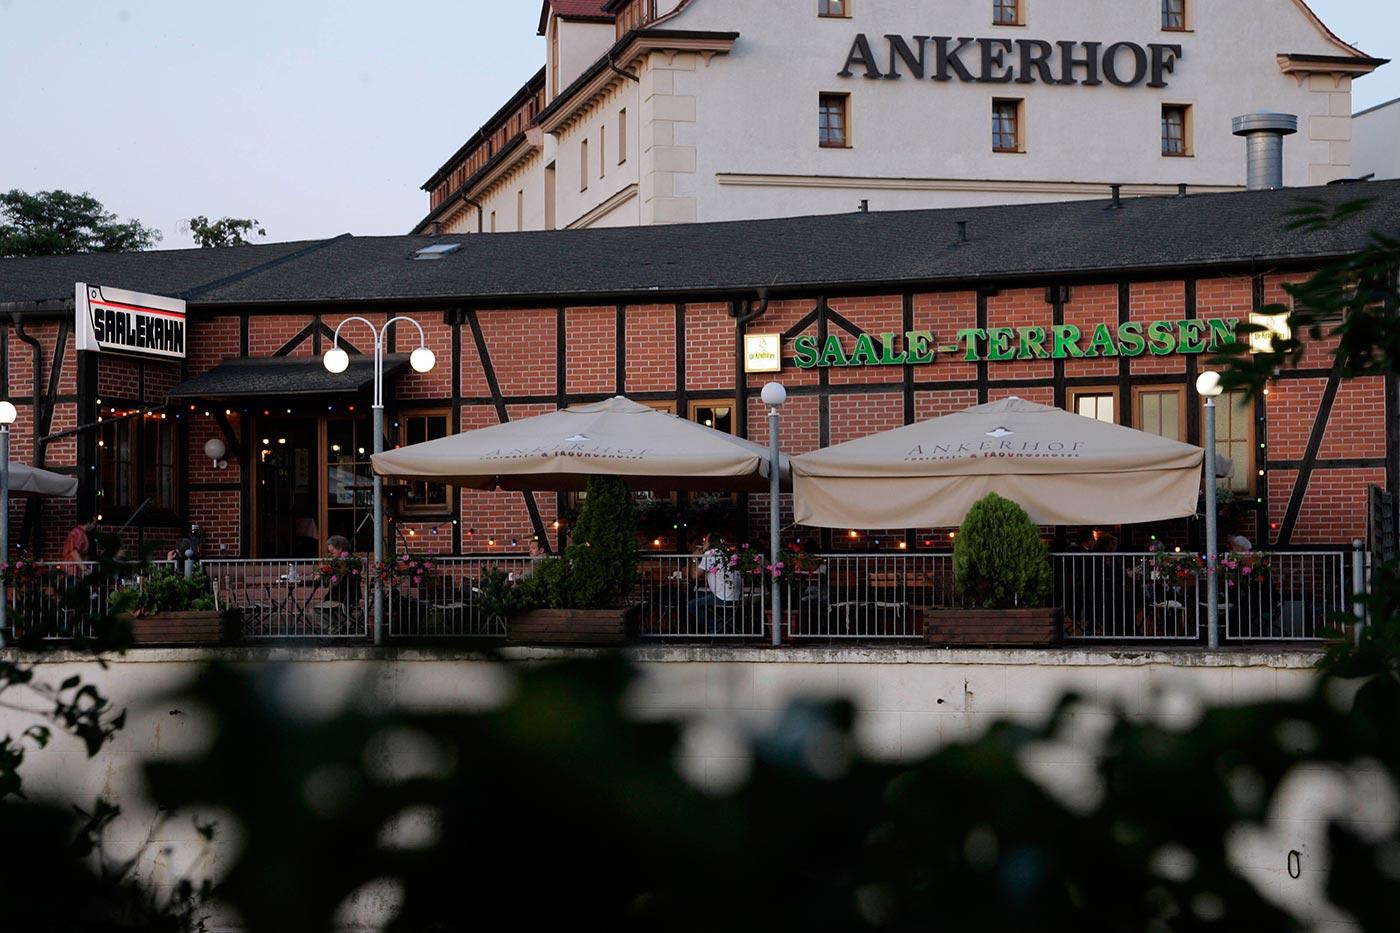 Saalekahn (Hotel Ankerhof) in Halle